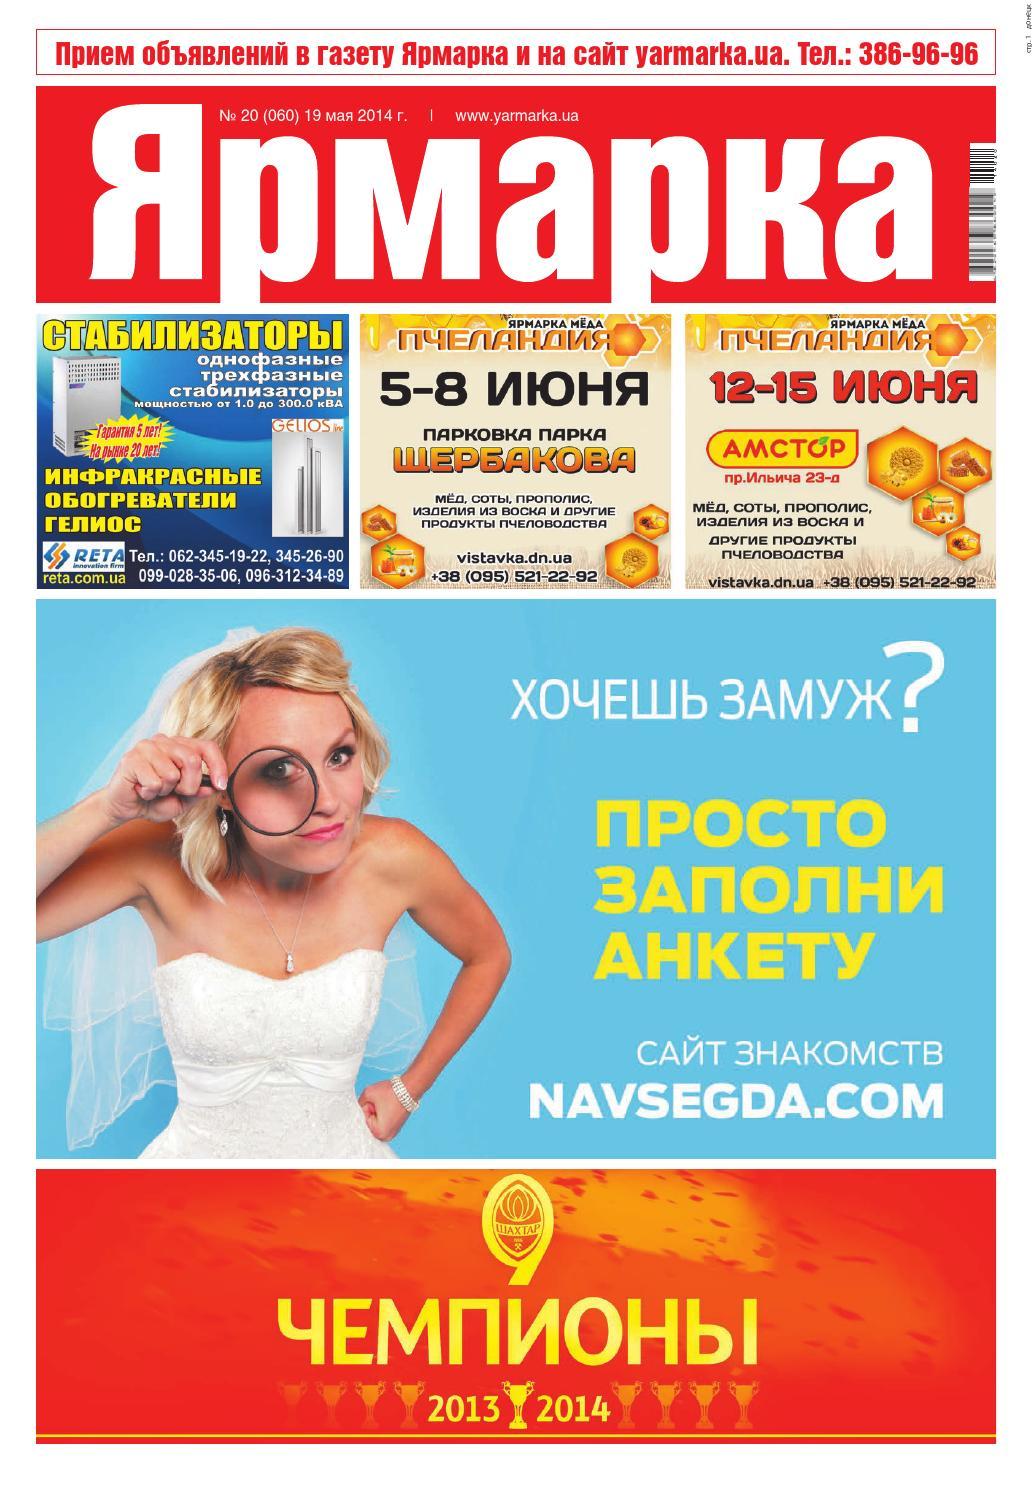 псков знакомства газета объявления